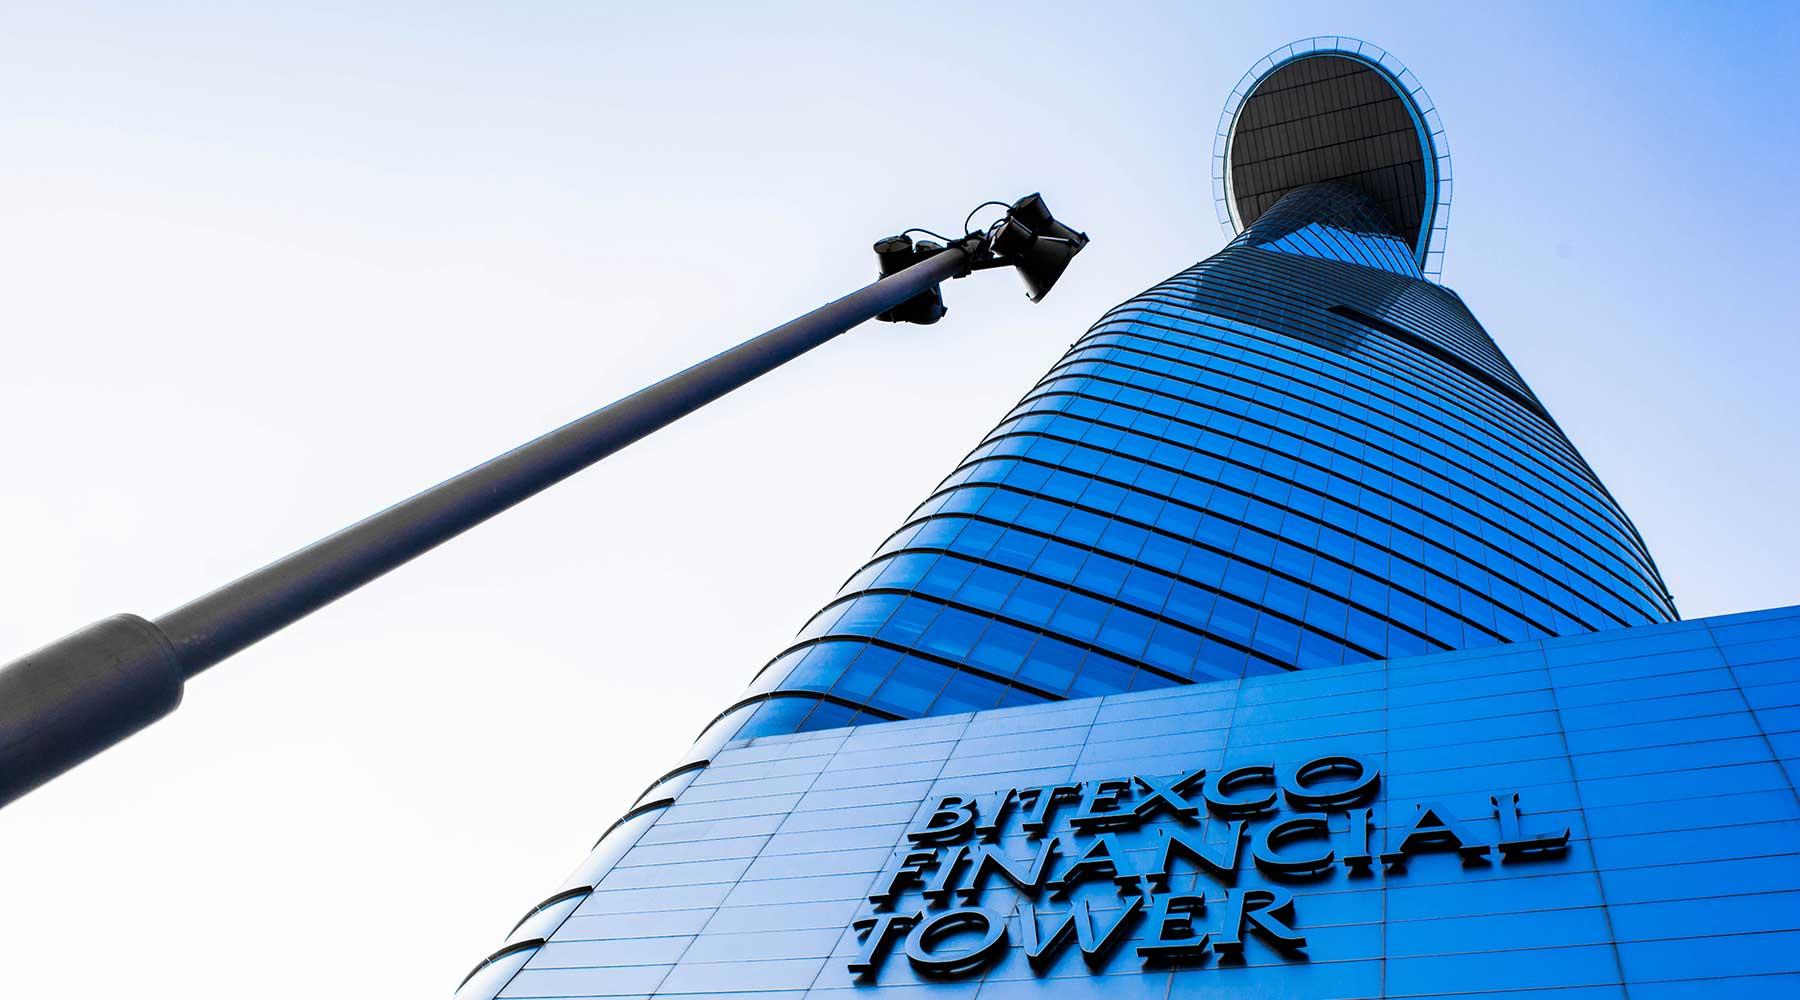 Bitexco Tower en Skydeck